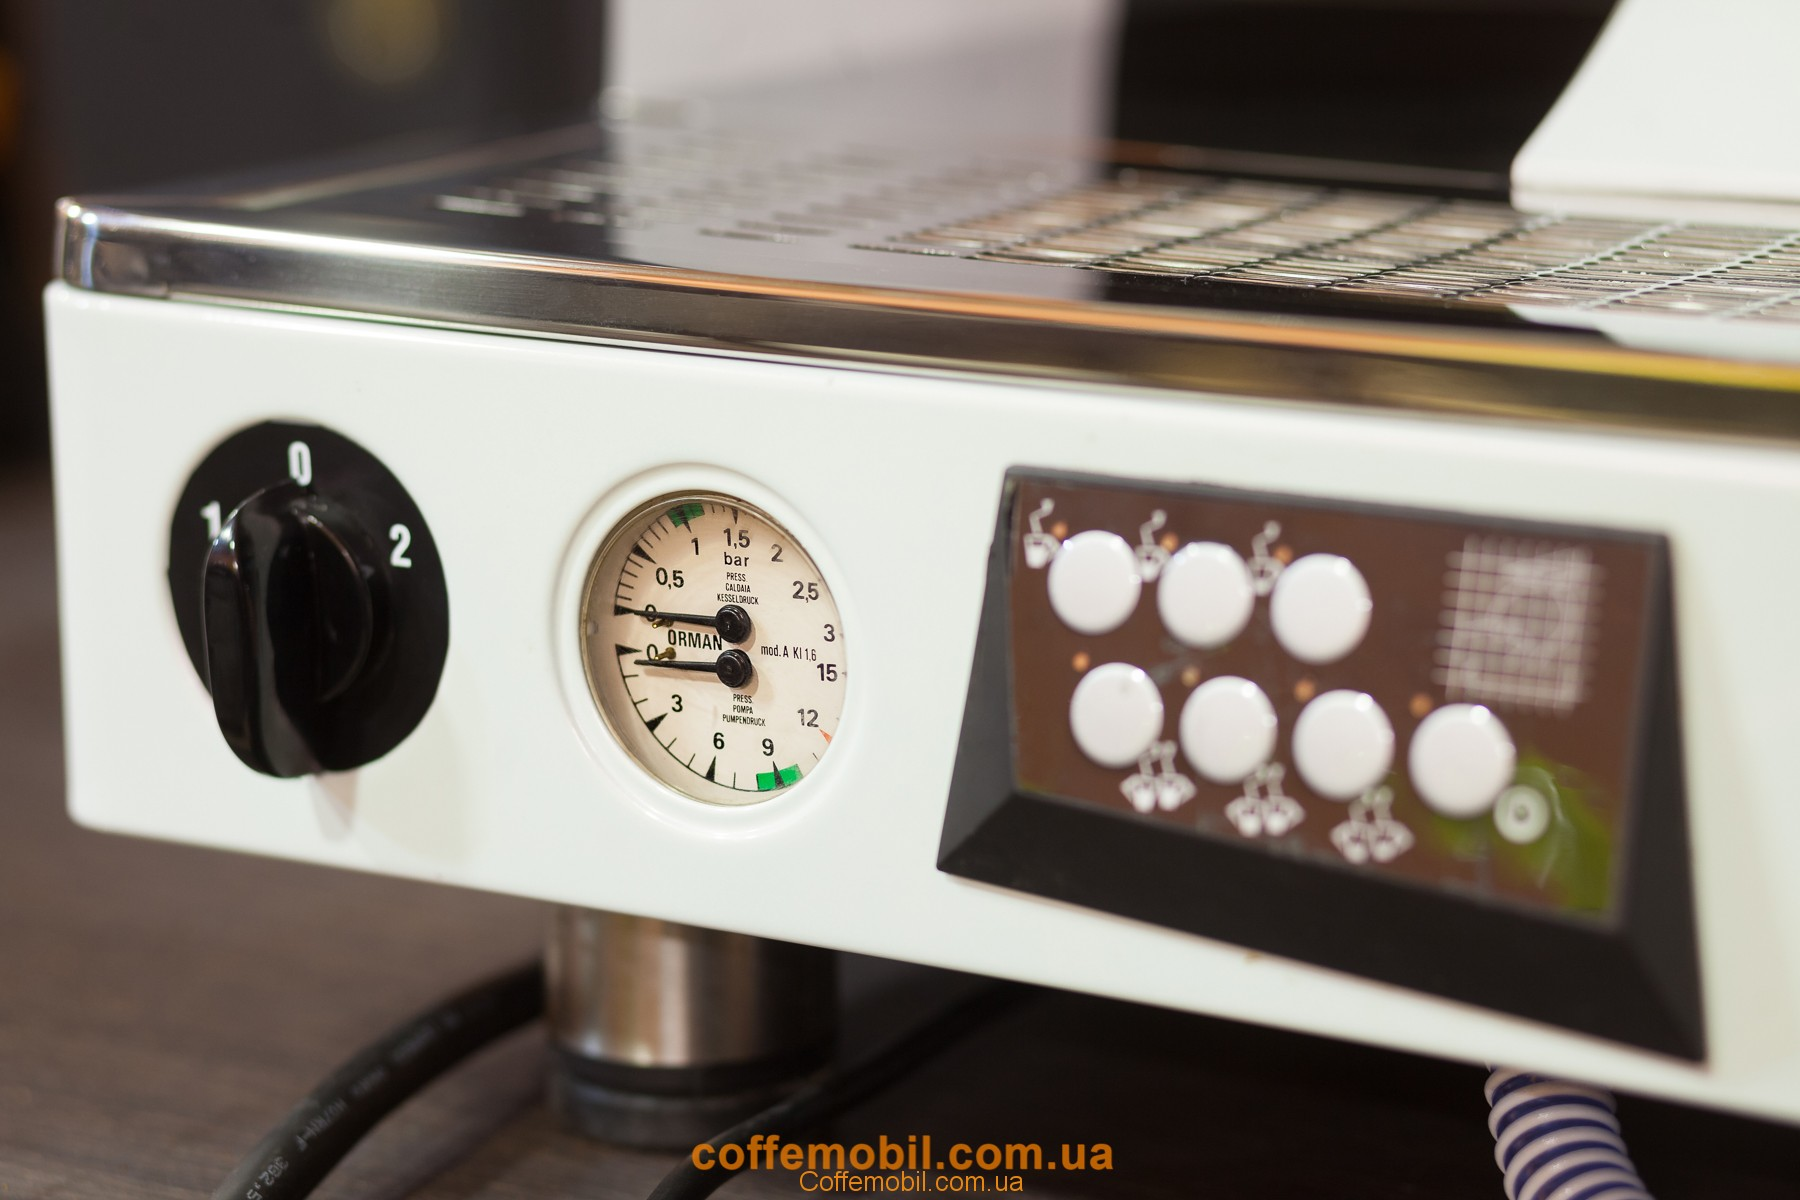 Профессиональная кофеварка Astoria Sibilla 2gr